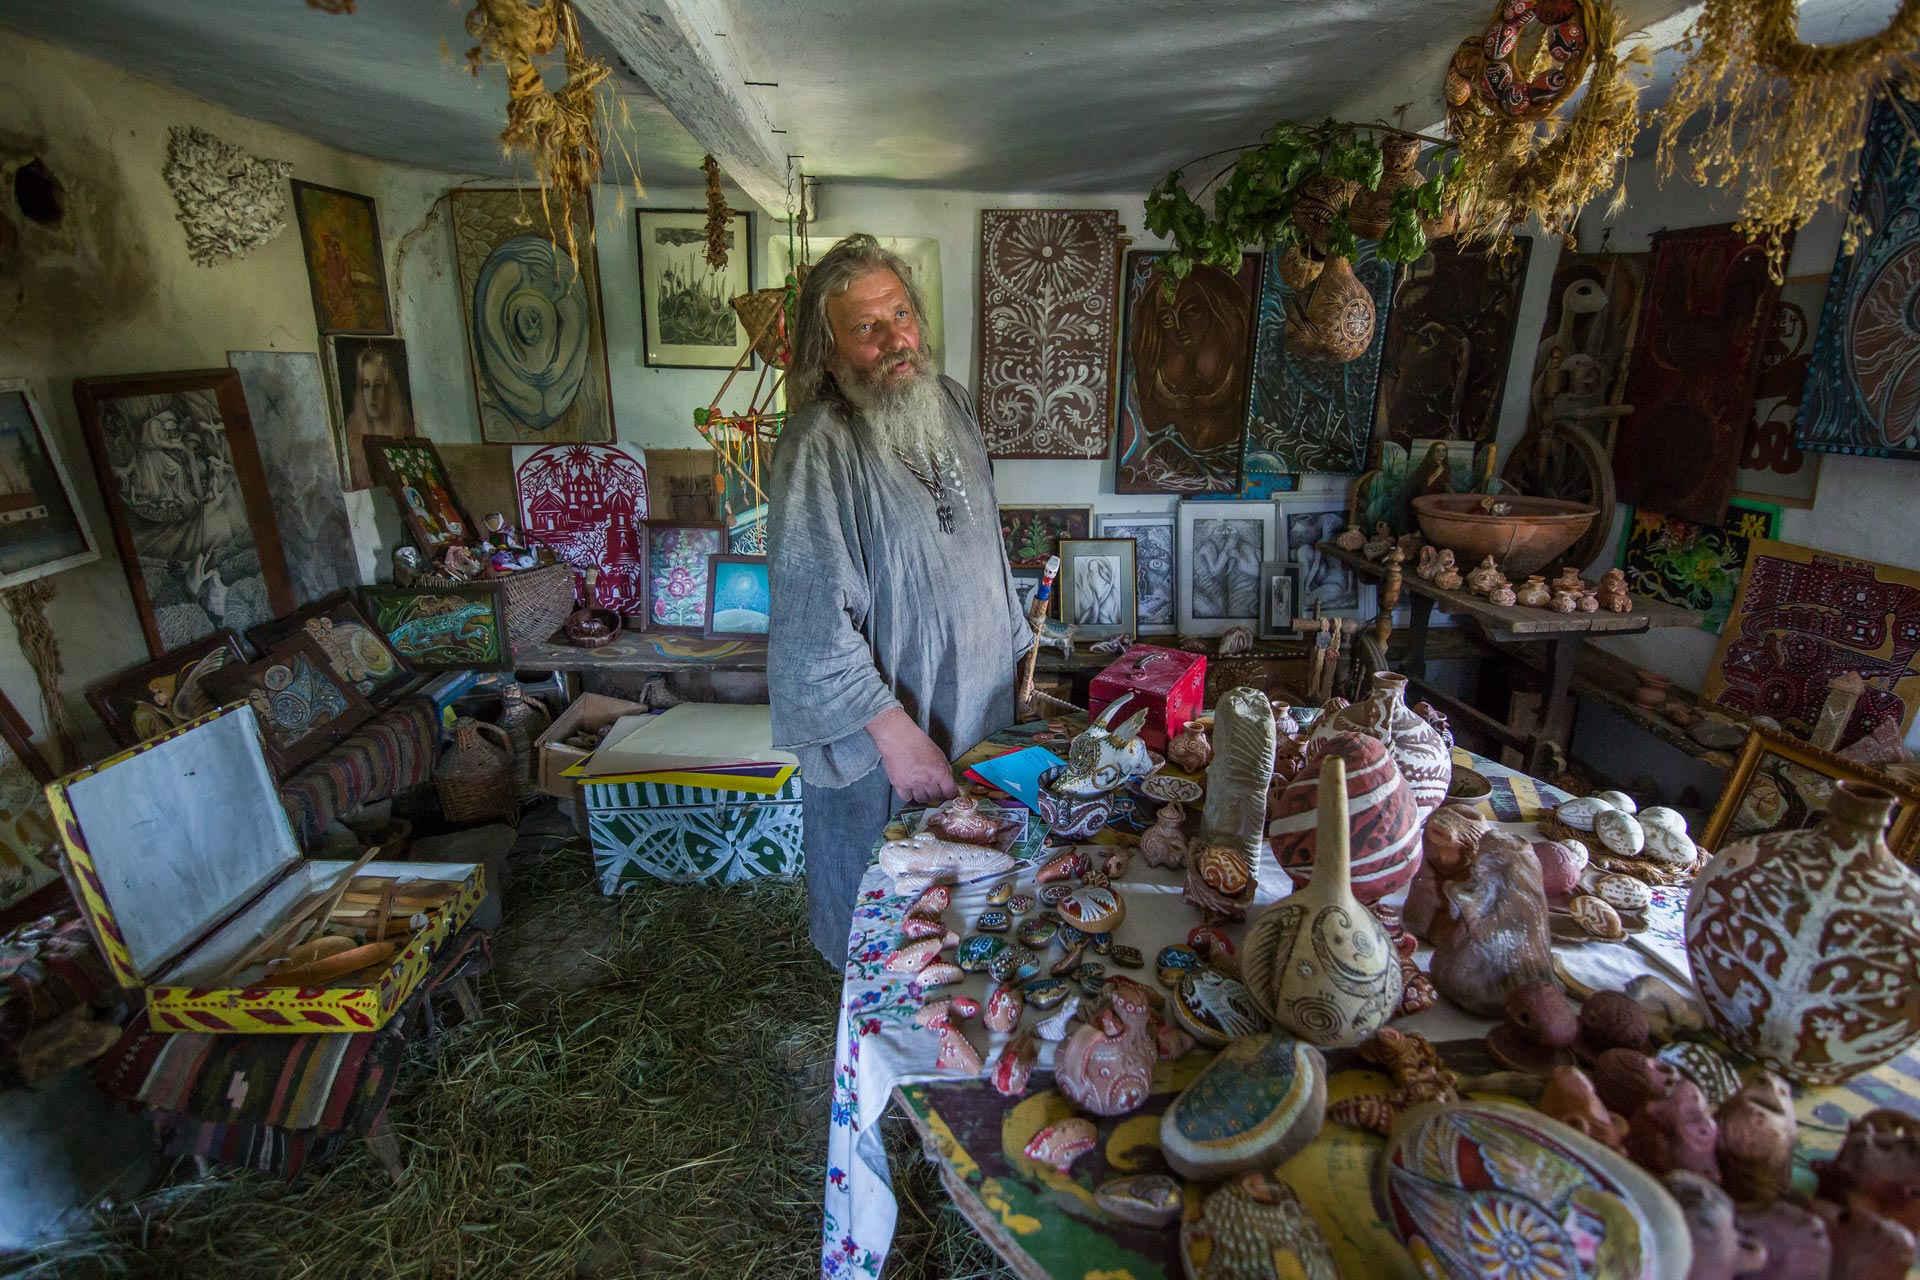 Bukatynka. Ein lebendiges Museum in verlassenen Häusern